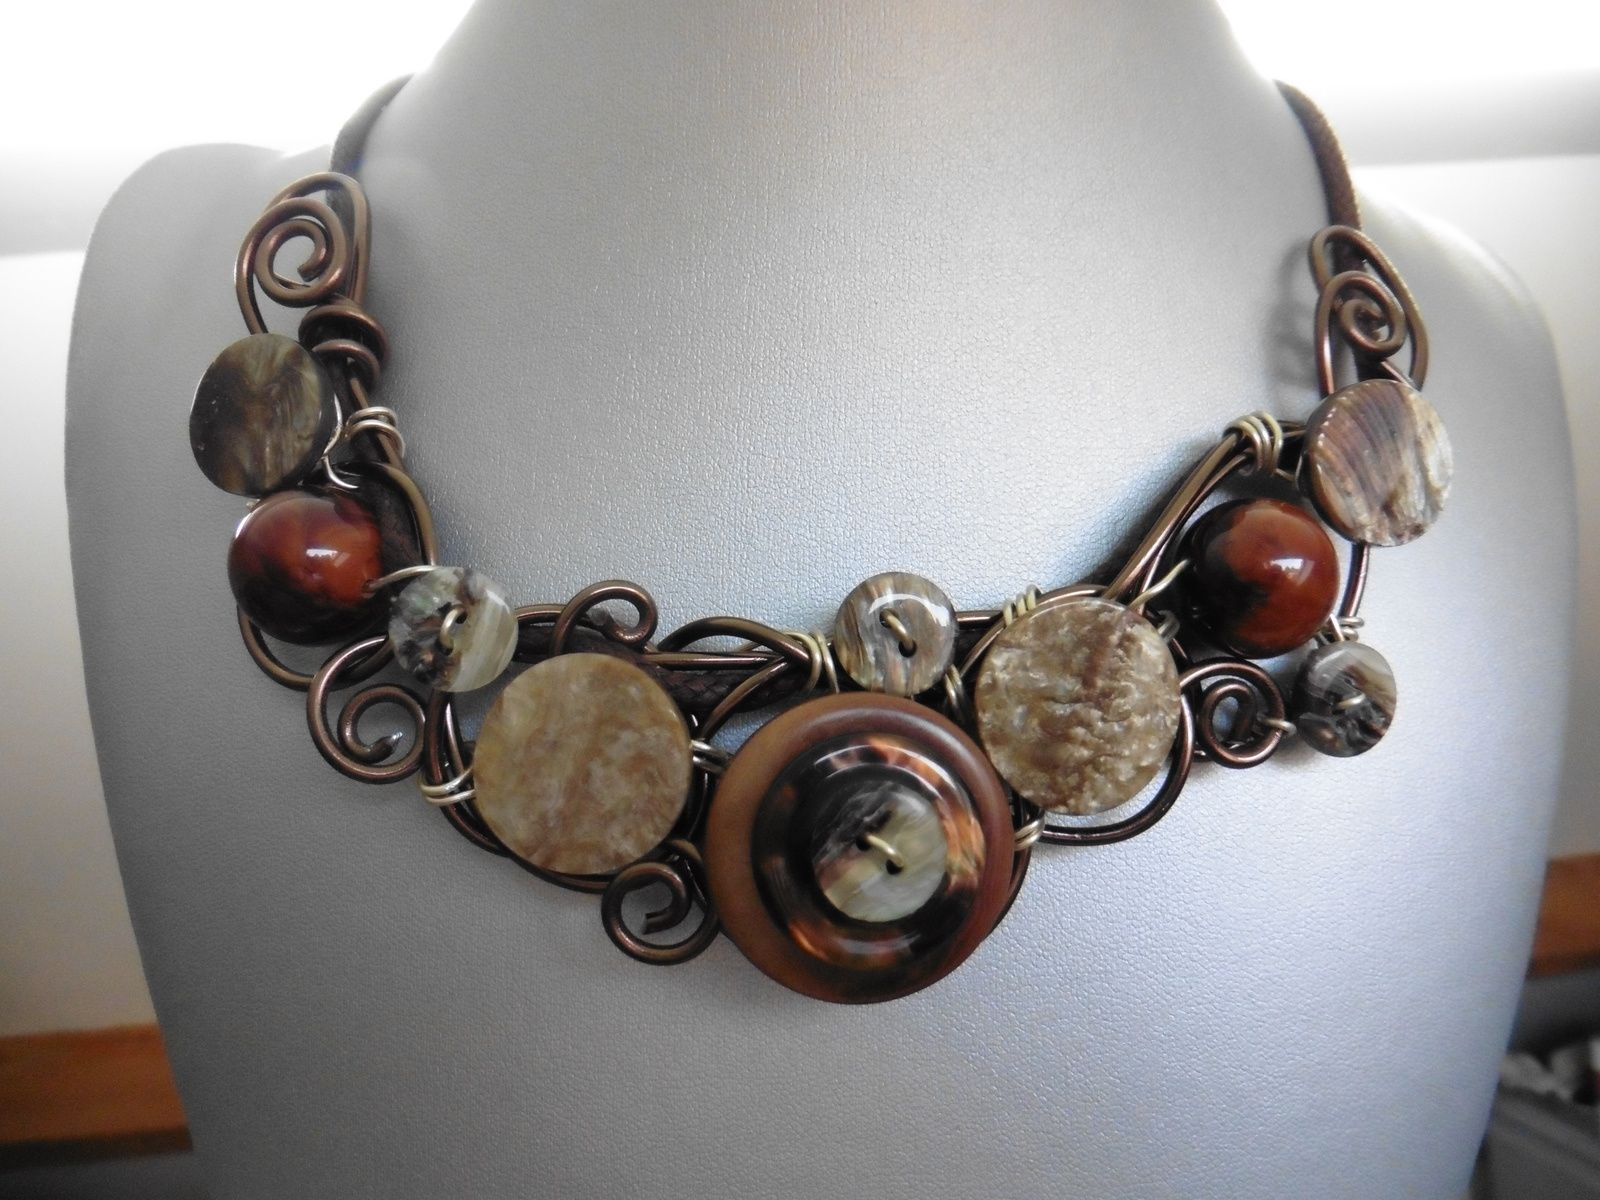 collier en fils d'aluminium et boutons en cornes et nacre.